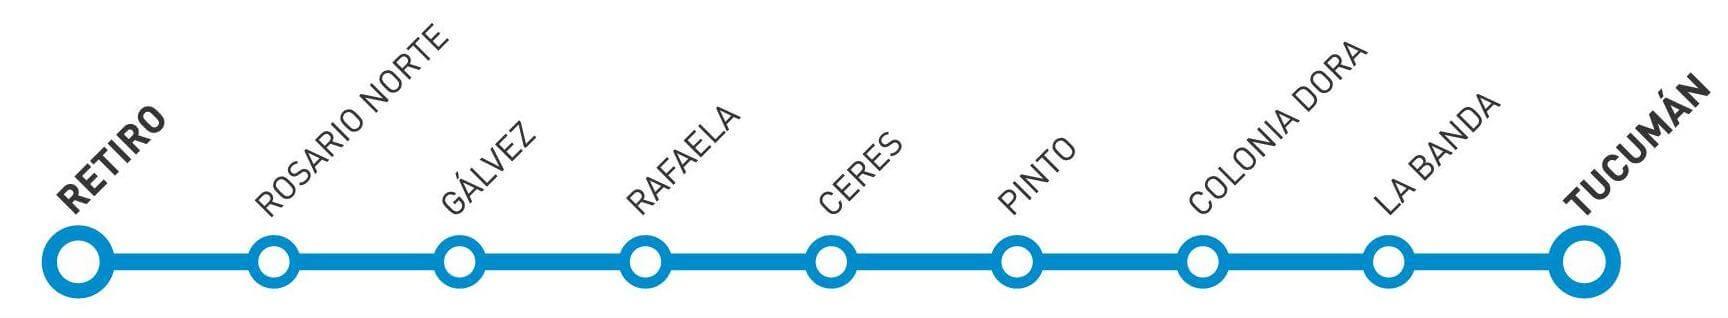 Mapa de Estaciones entre Buenos Aires y Tucumán